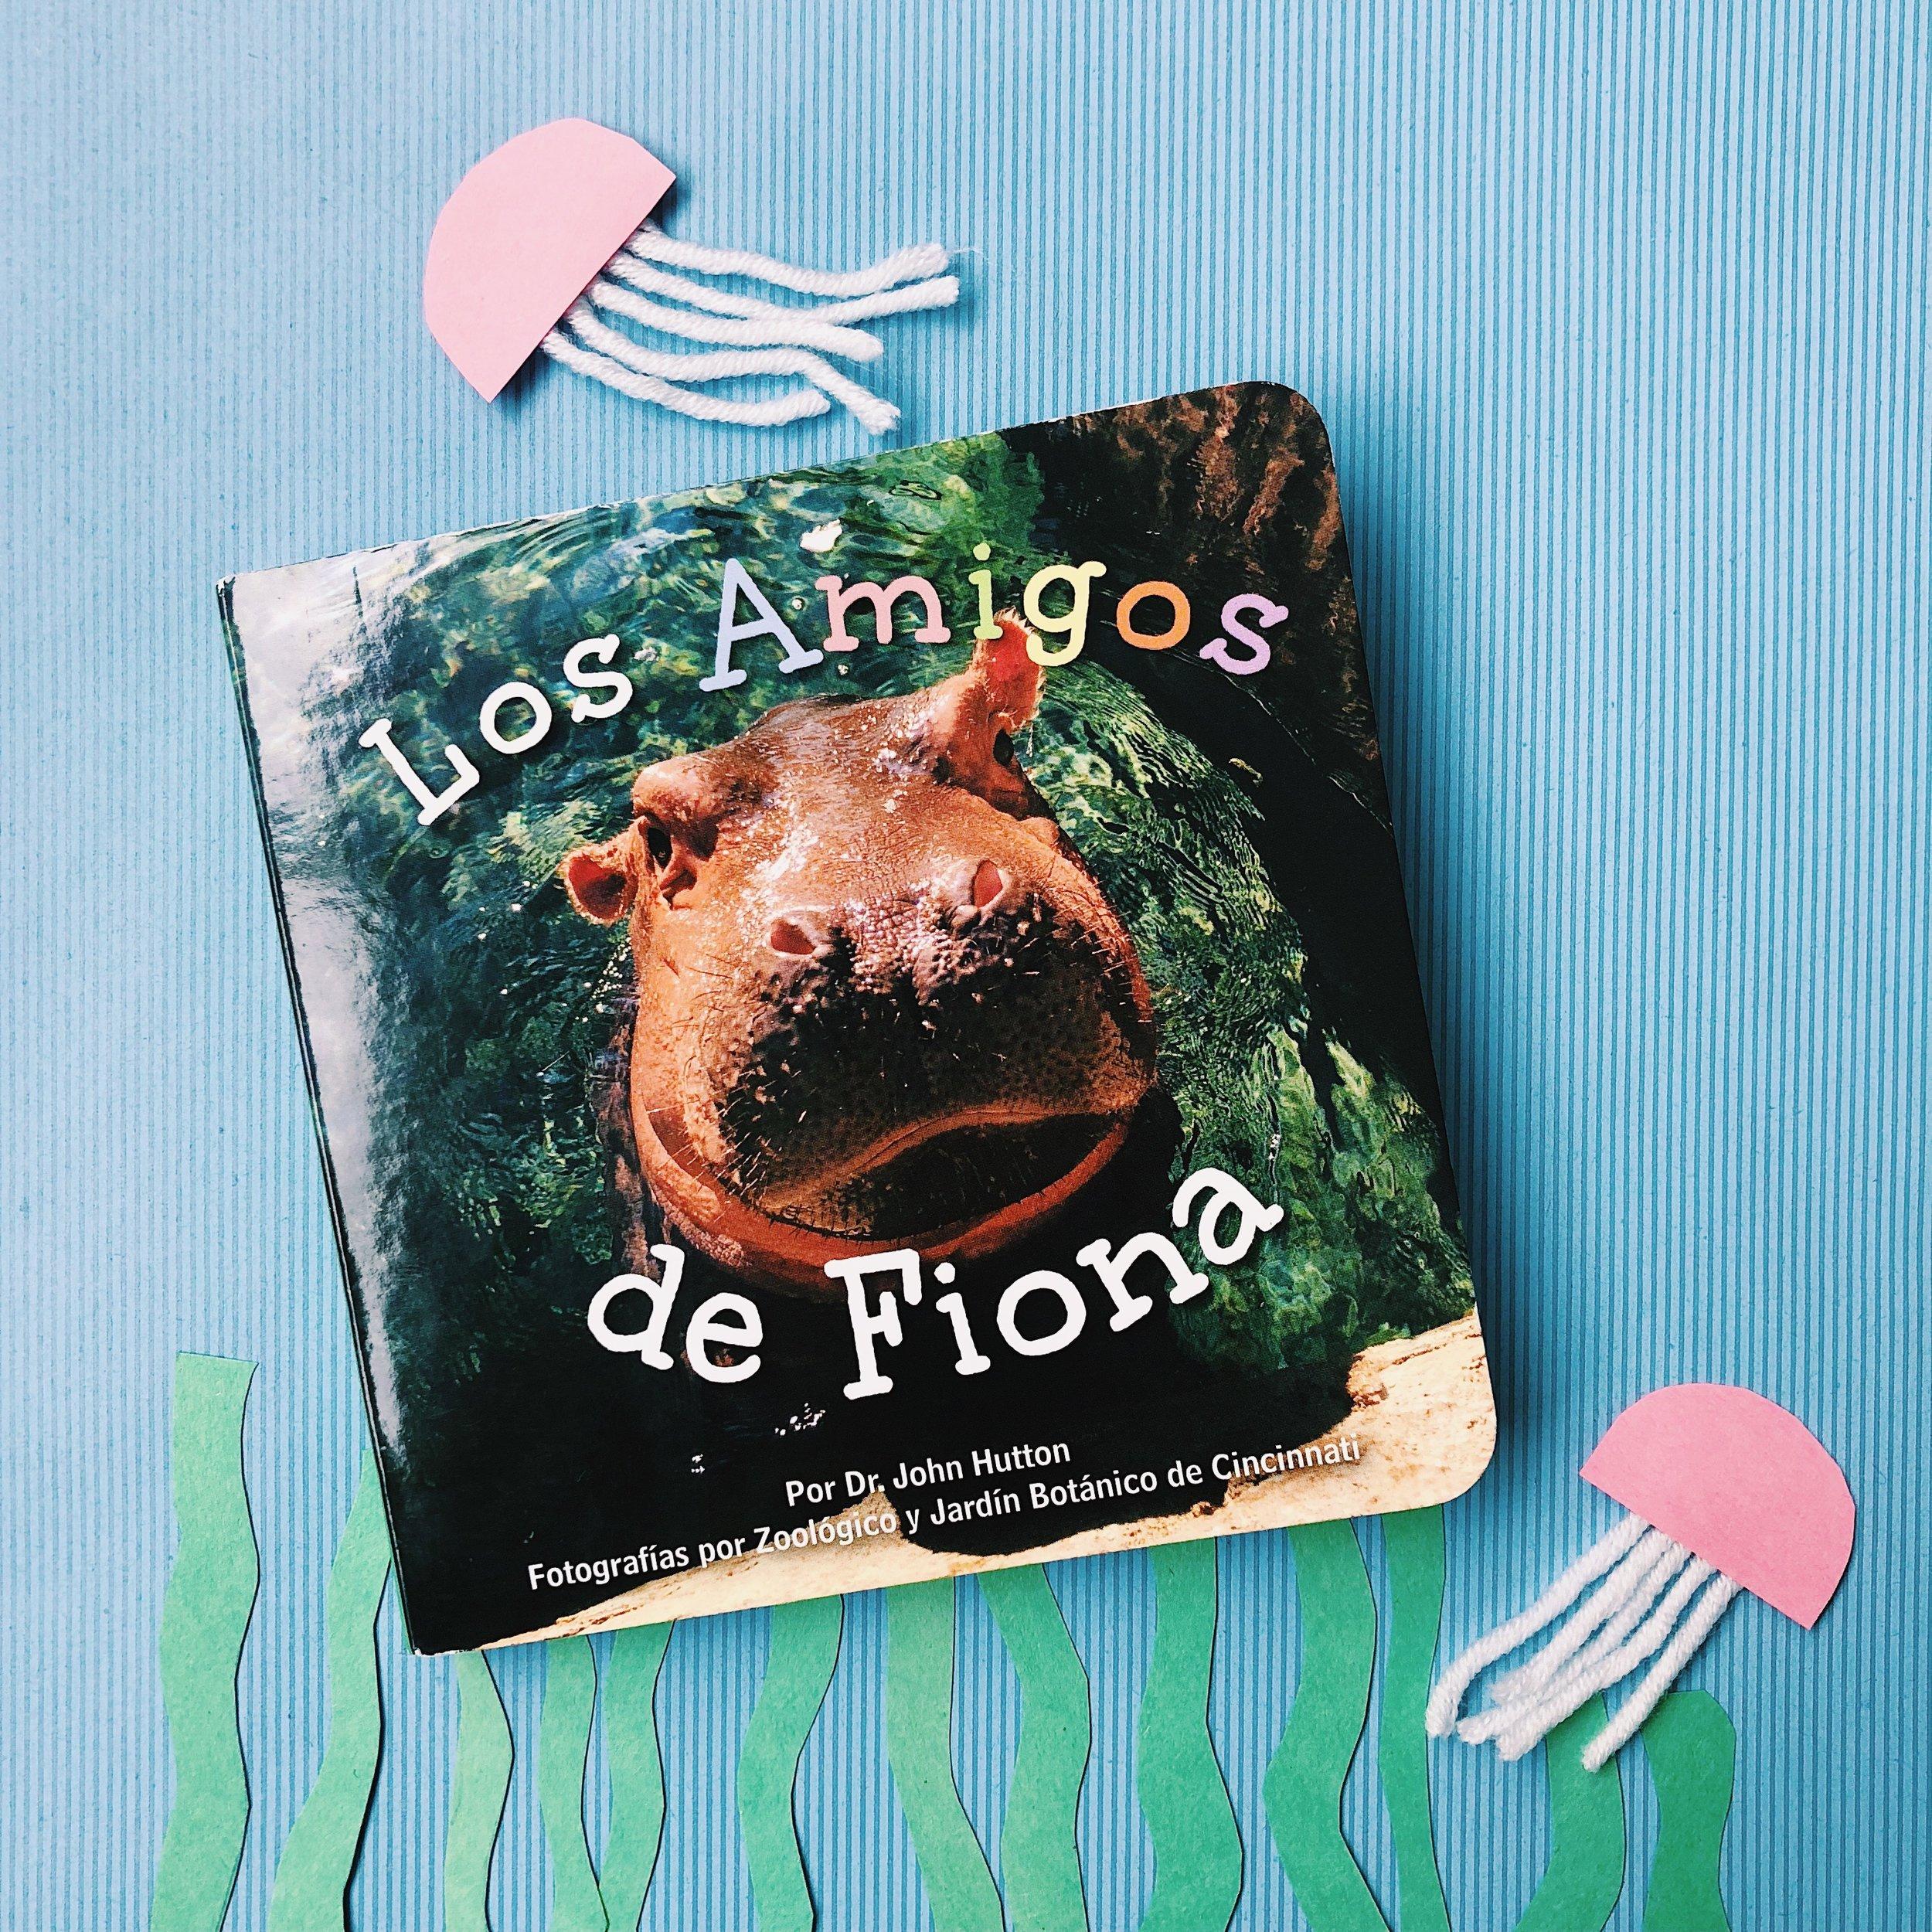 Los Amigos de Fiona (Fiona's Friends) coming soon from blue manatee press!